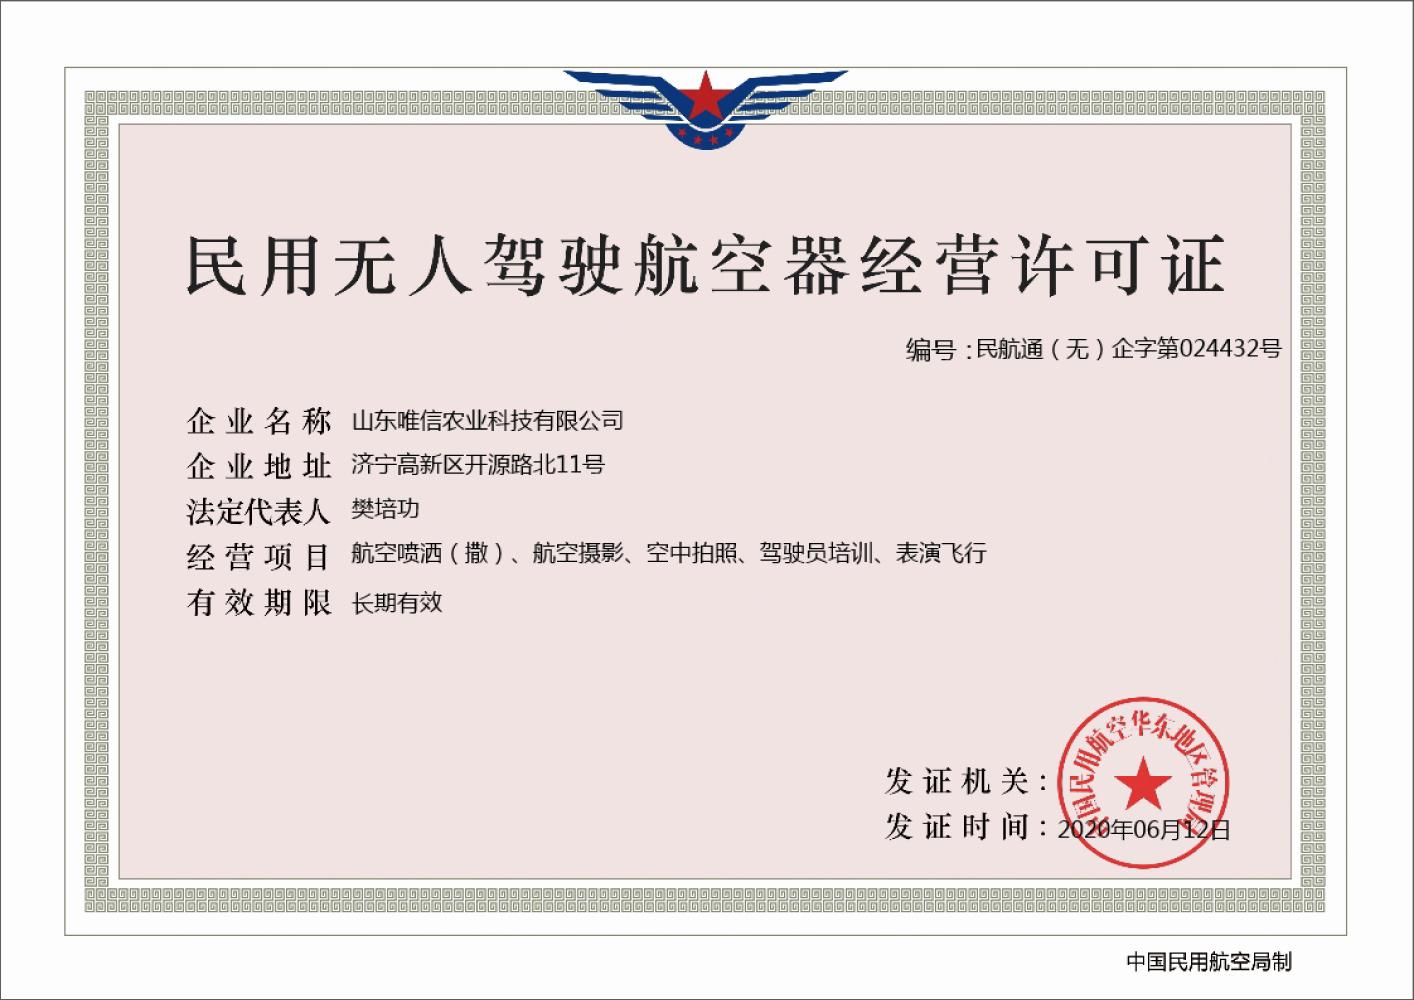 热烈祝贺中煤集团旗下唯信农业科技公司取得民用无人驾驶航空器经营许可证